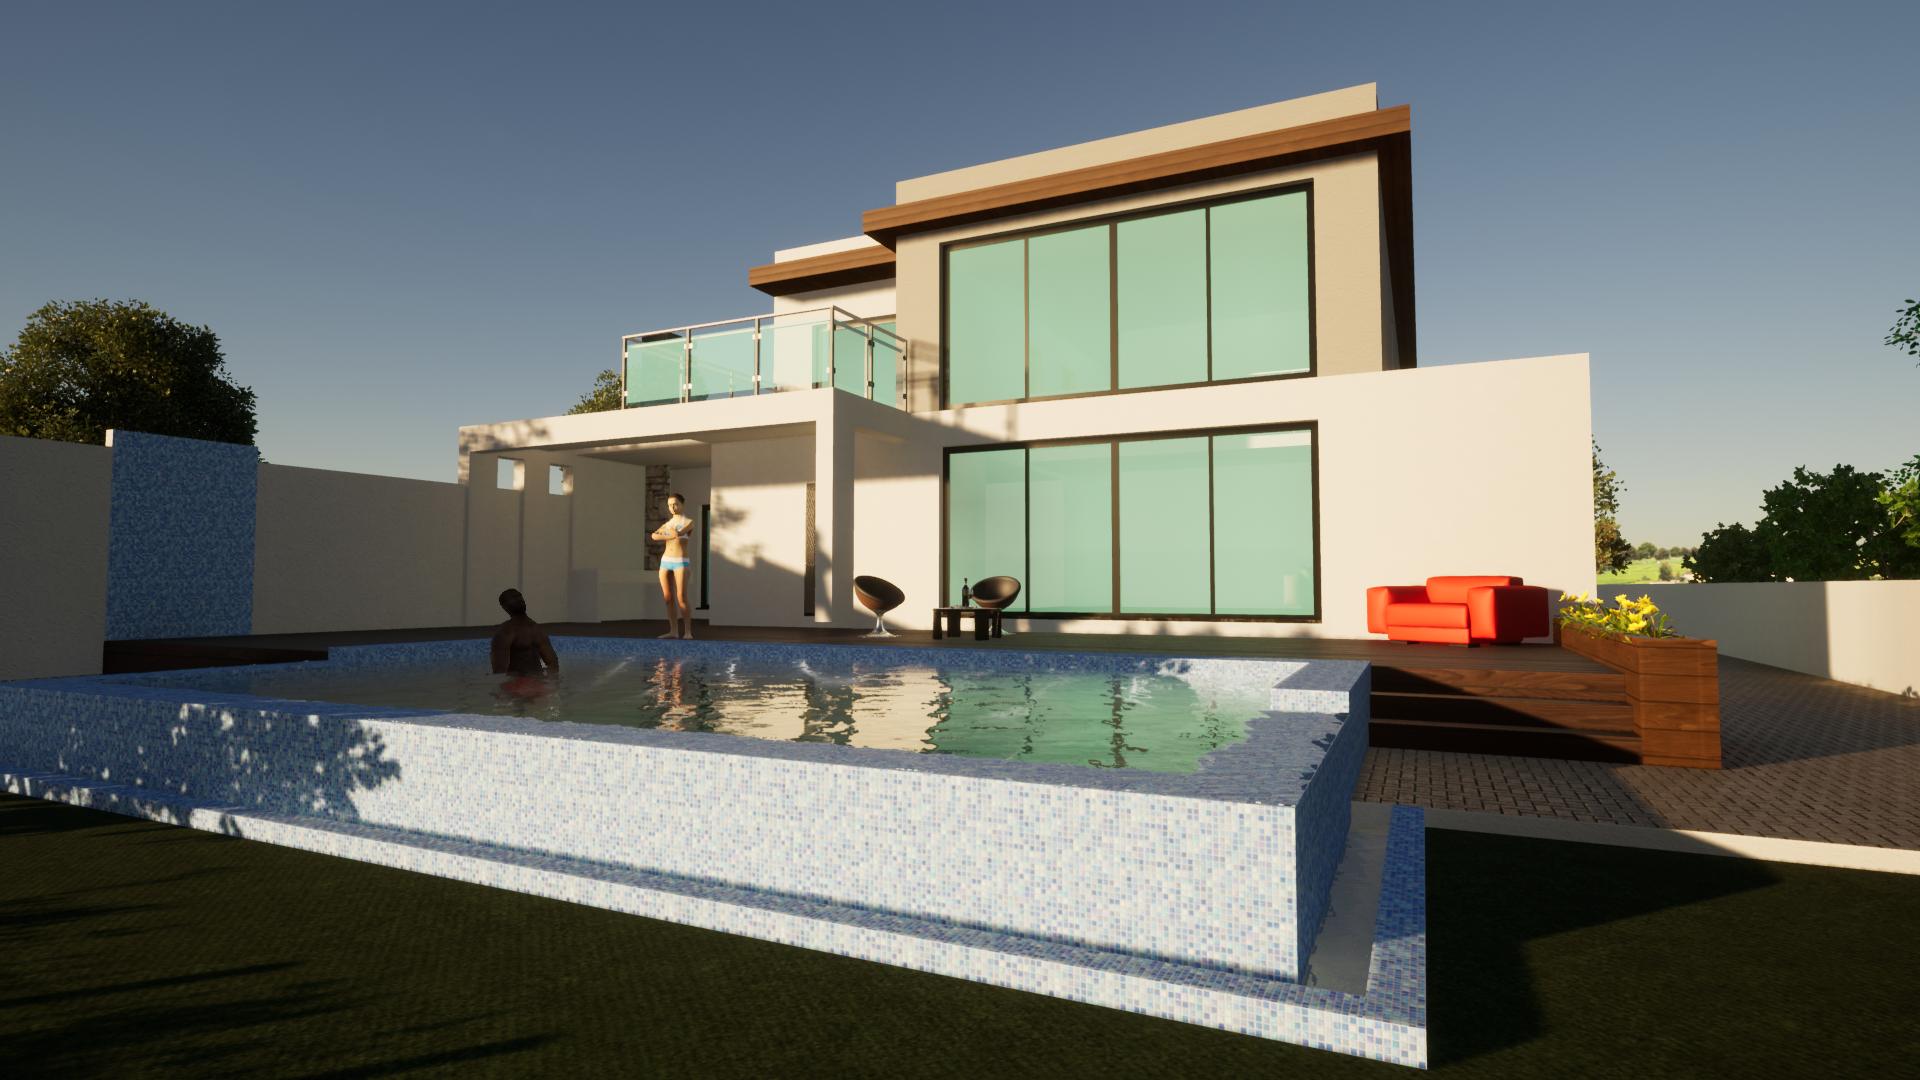 Projeto_Casas_do_Ribeiro_GrupoPsantos (2)